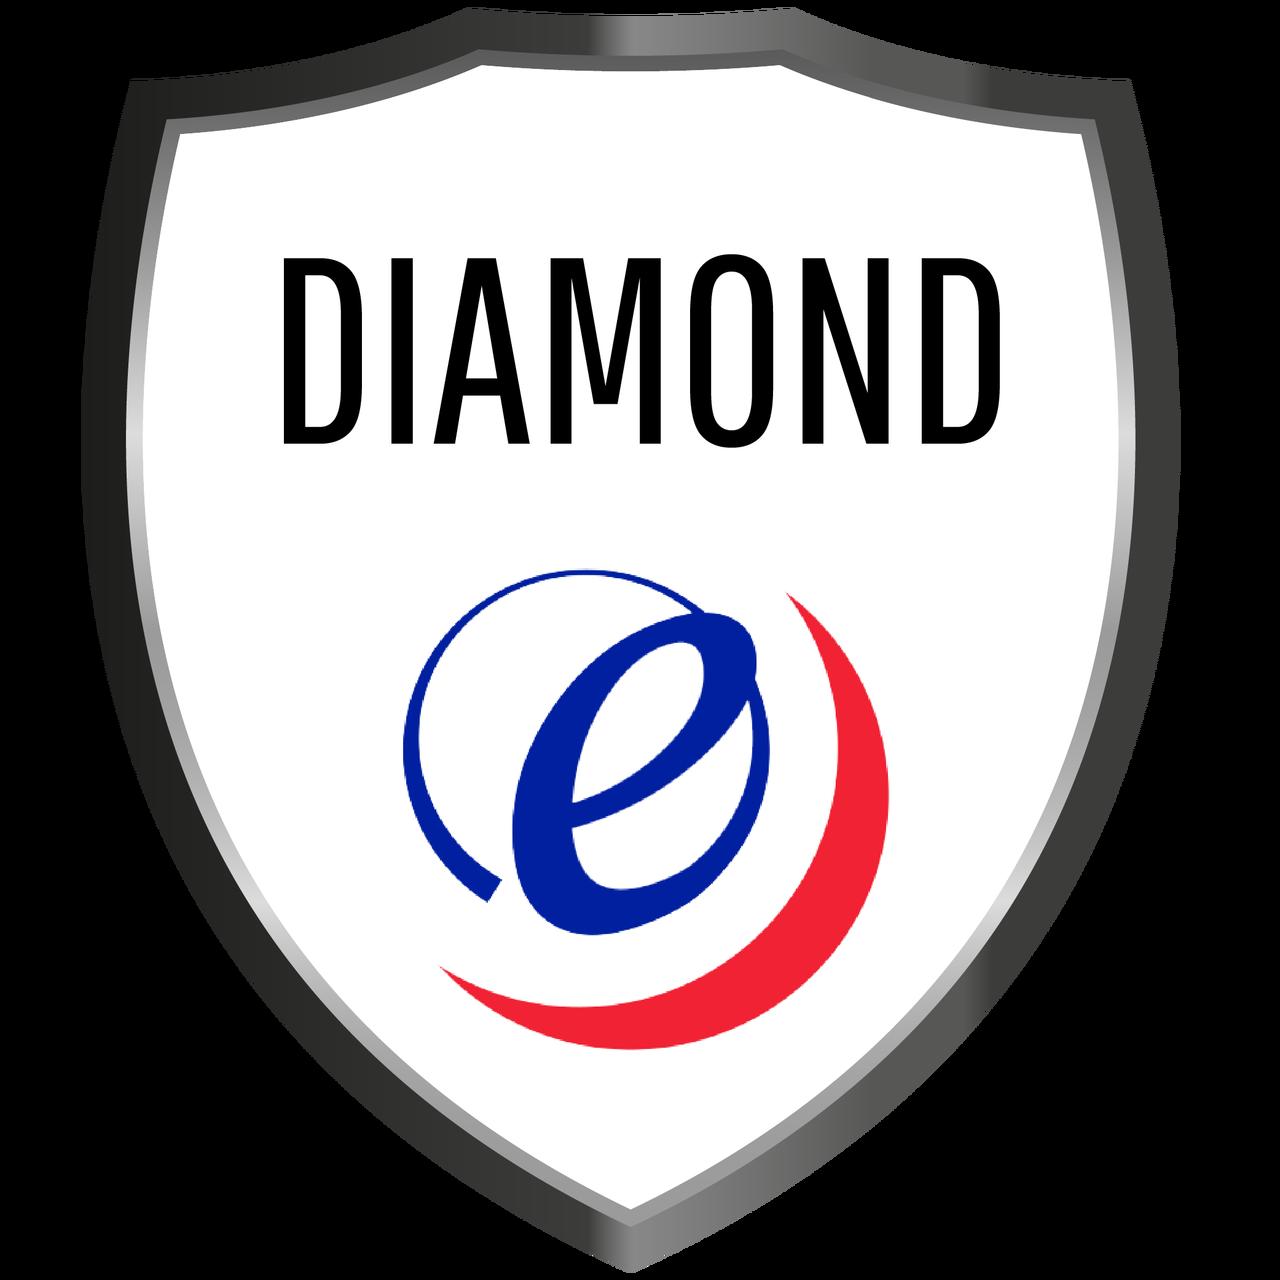 Gas clipart gas heater. Diamond protection plan eccotemp